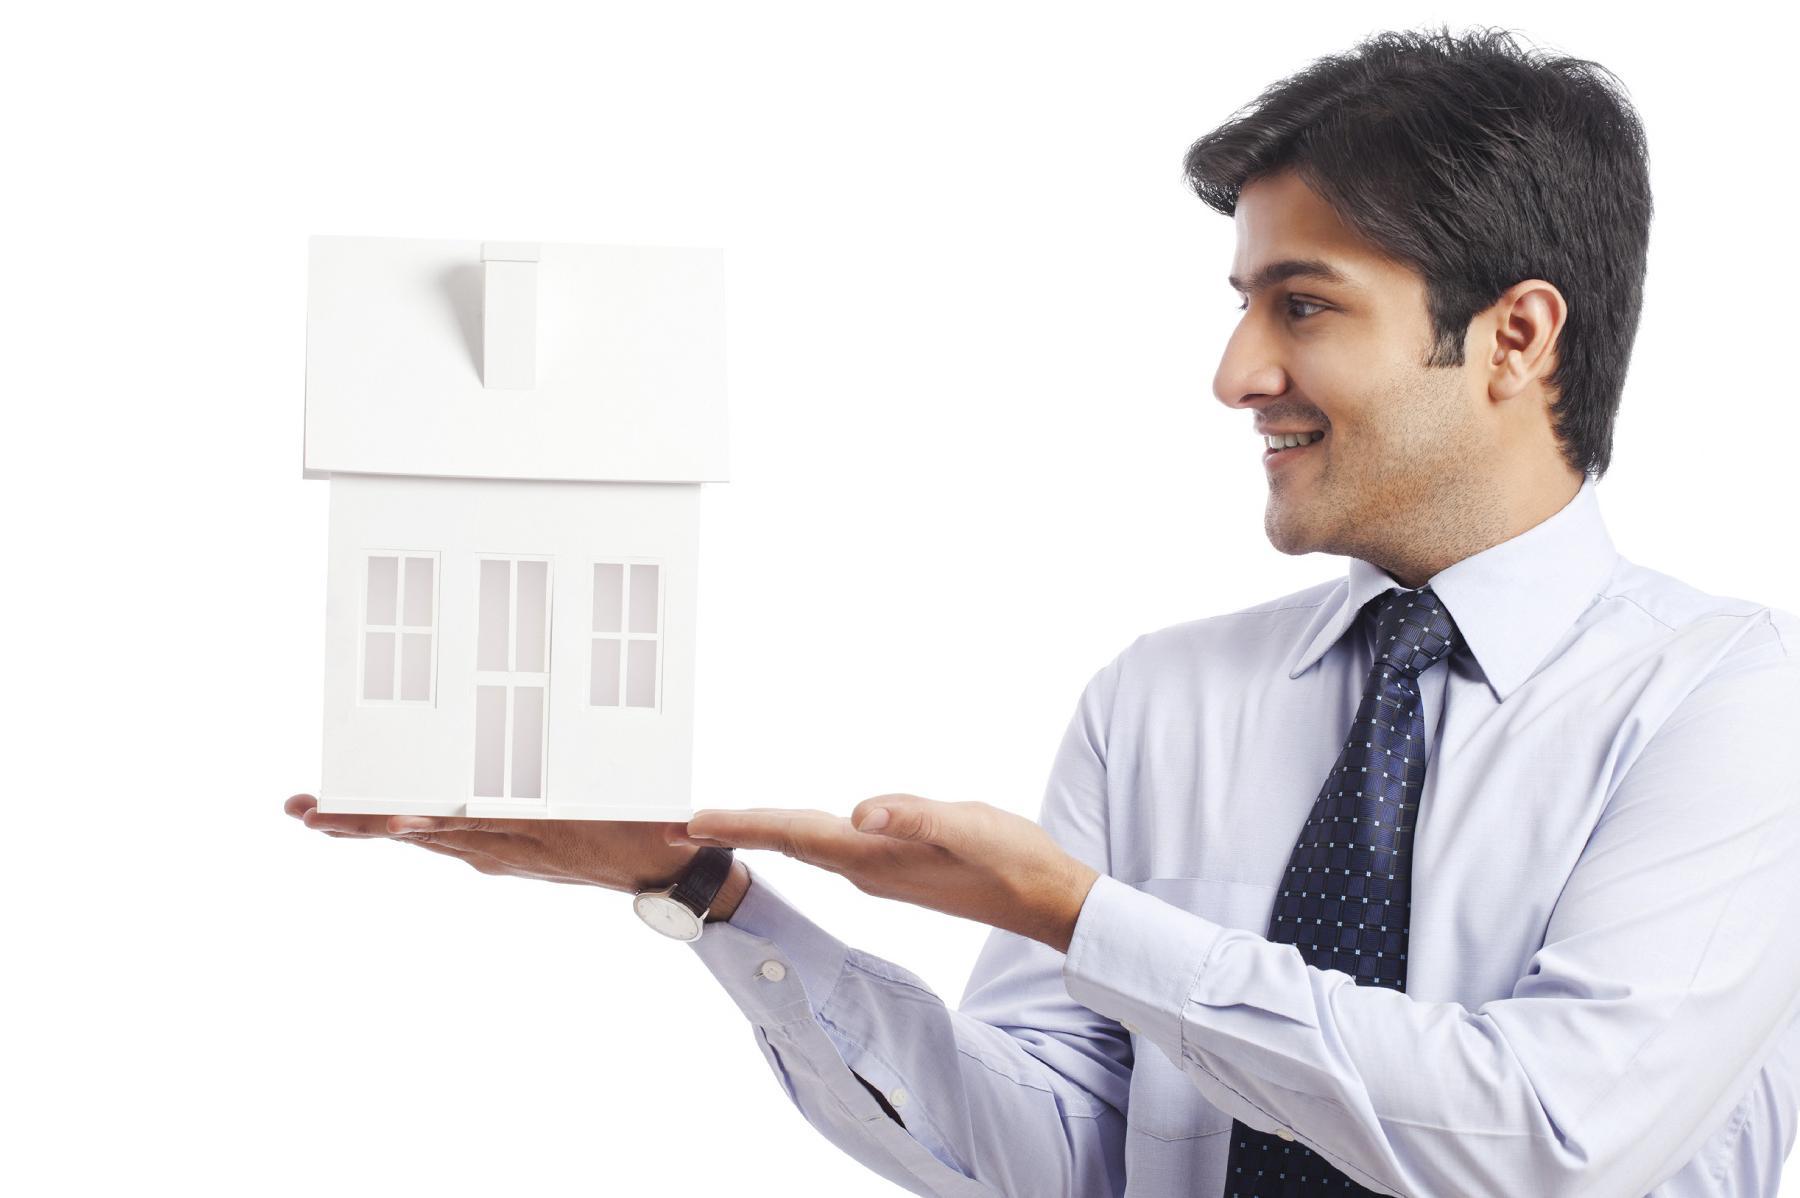 Vente appartement : Vendre un bien immobilier vite et bien, les astuces